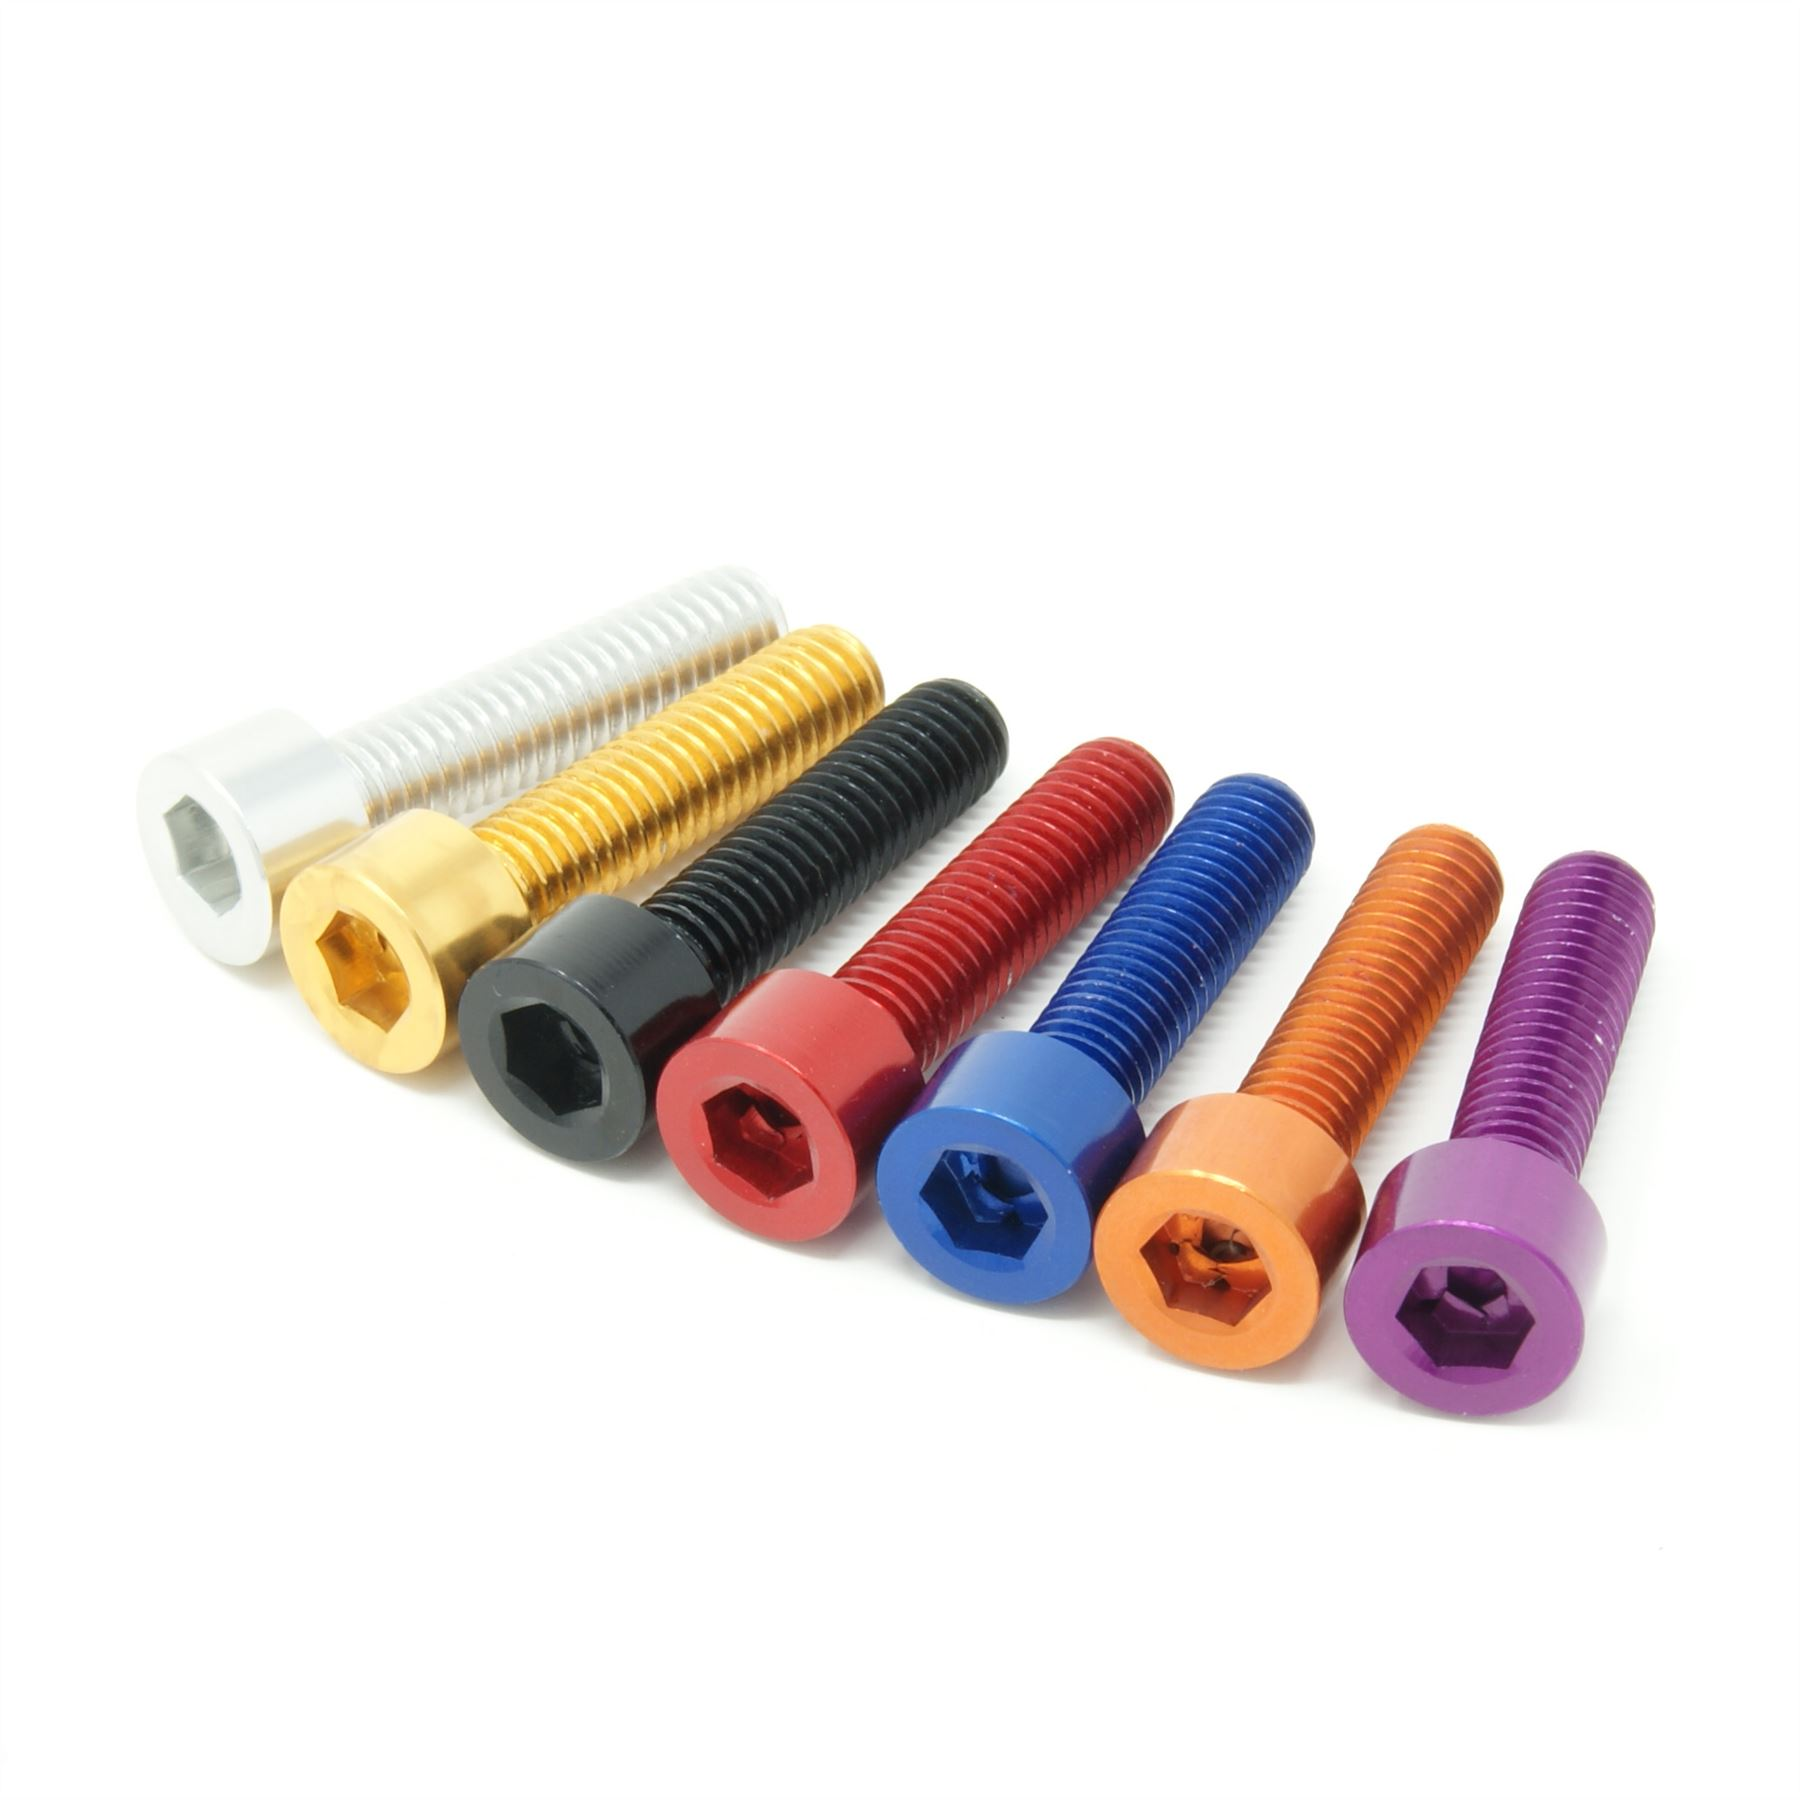 M5 Lega Tappo Testa Bullone Alluminio Anodizzato-variazione di colori disponibili